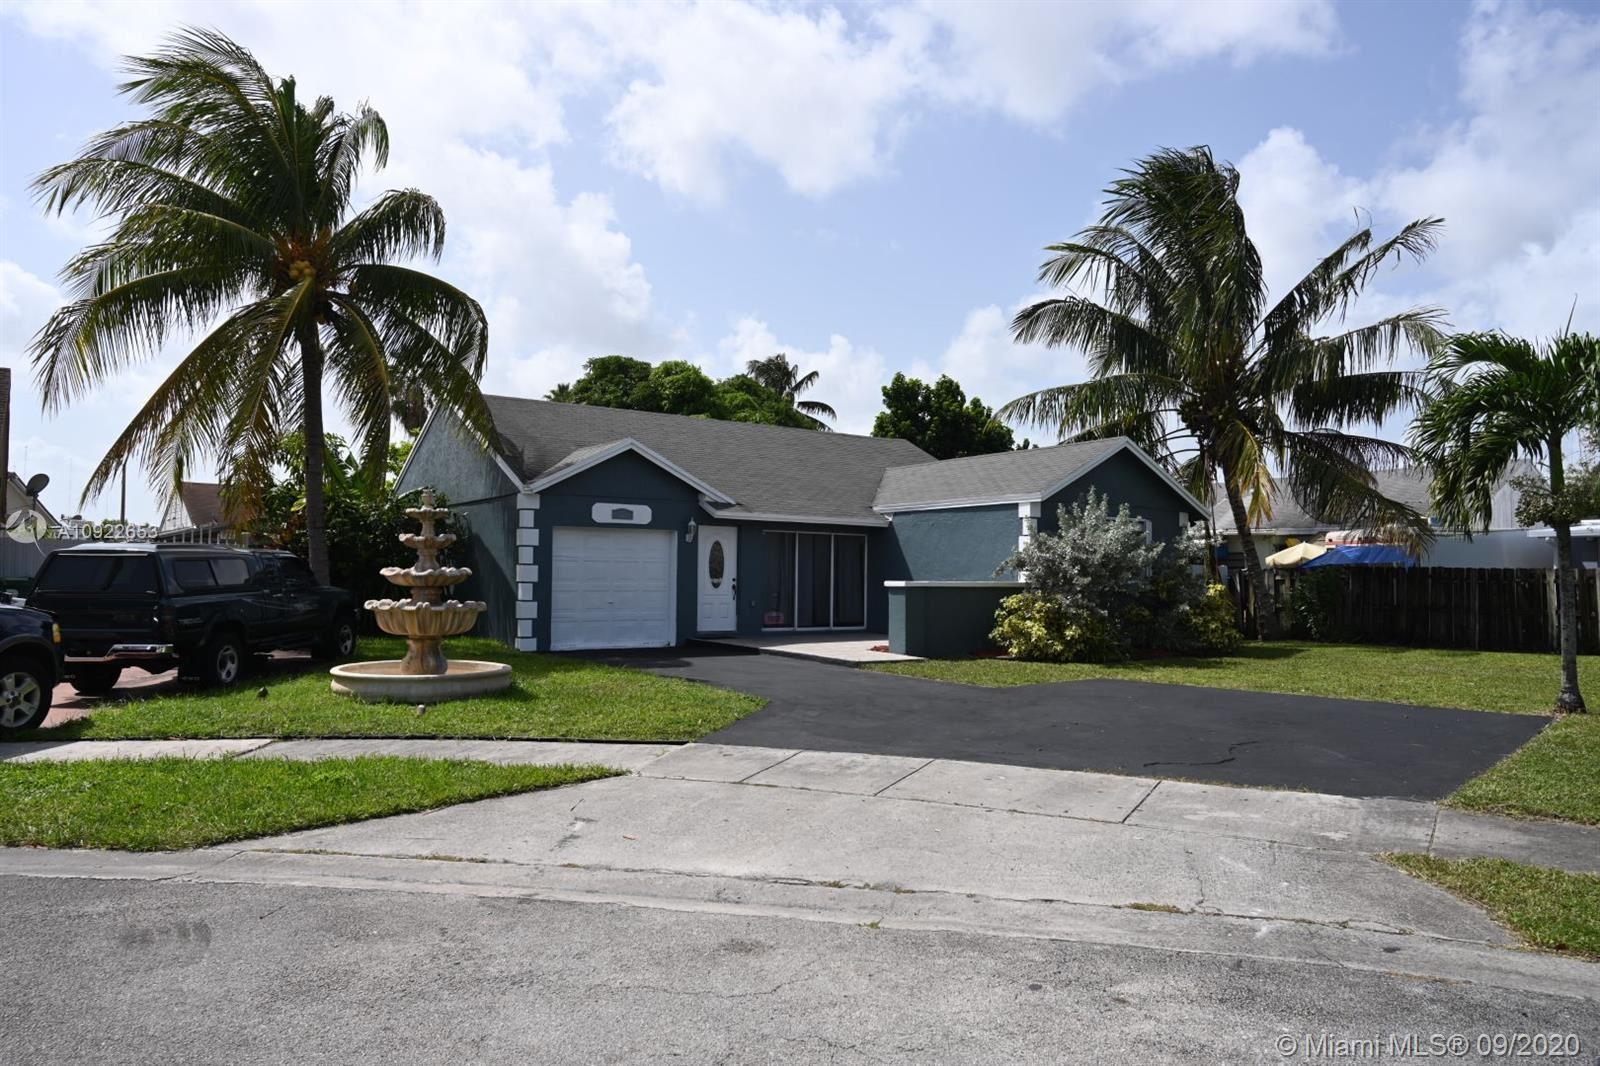 20334 NW 34th Ave, Miami Gardens, FL 33056 - #: A10922653